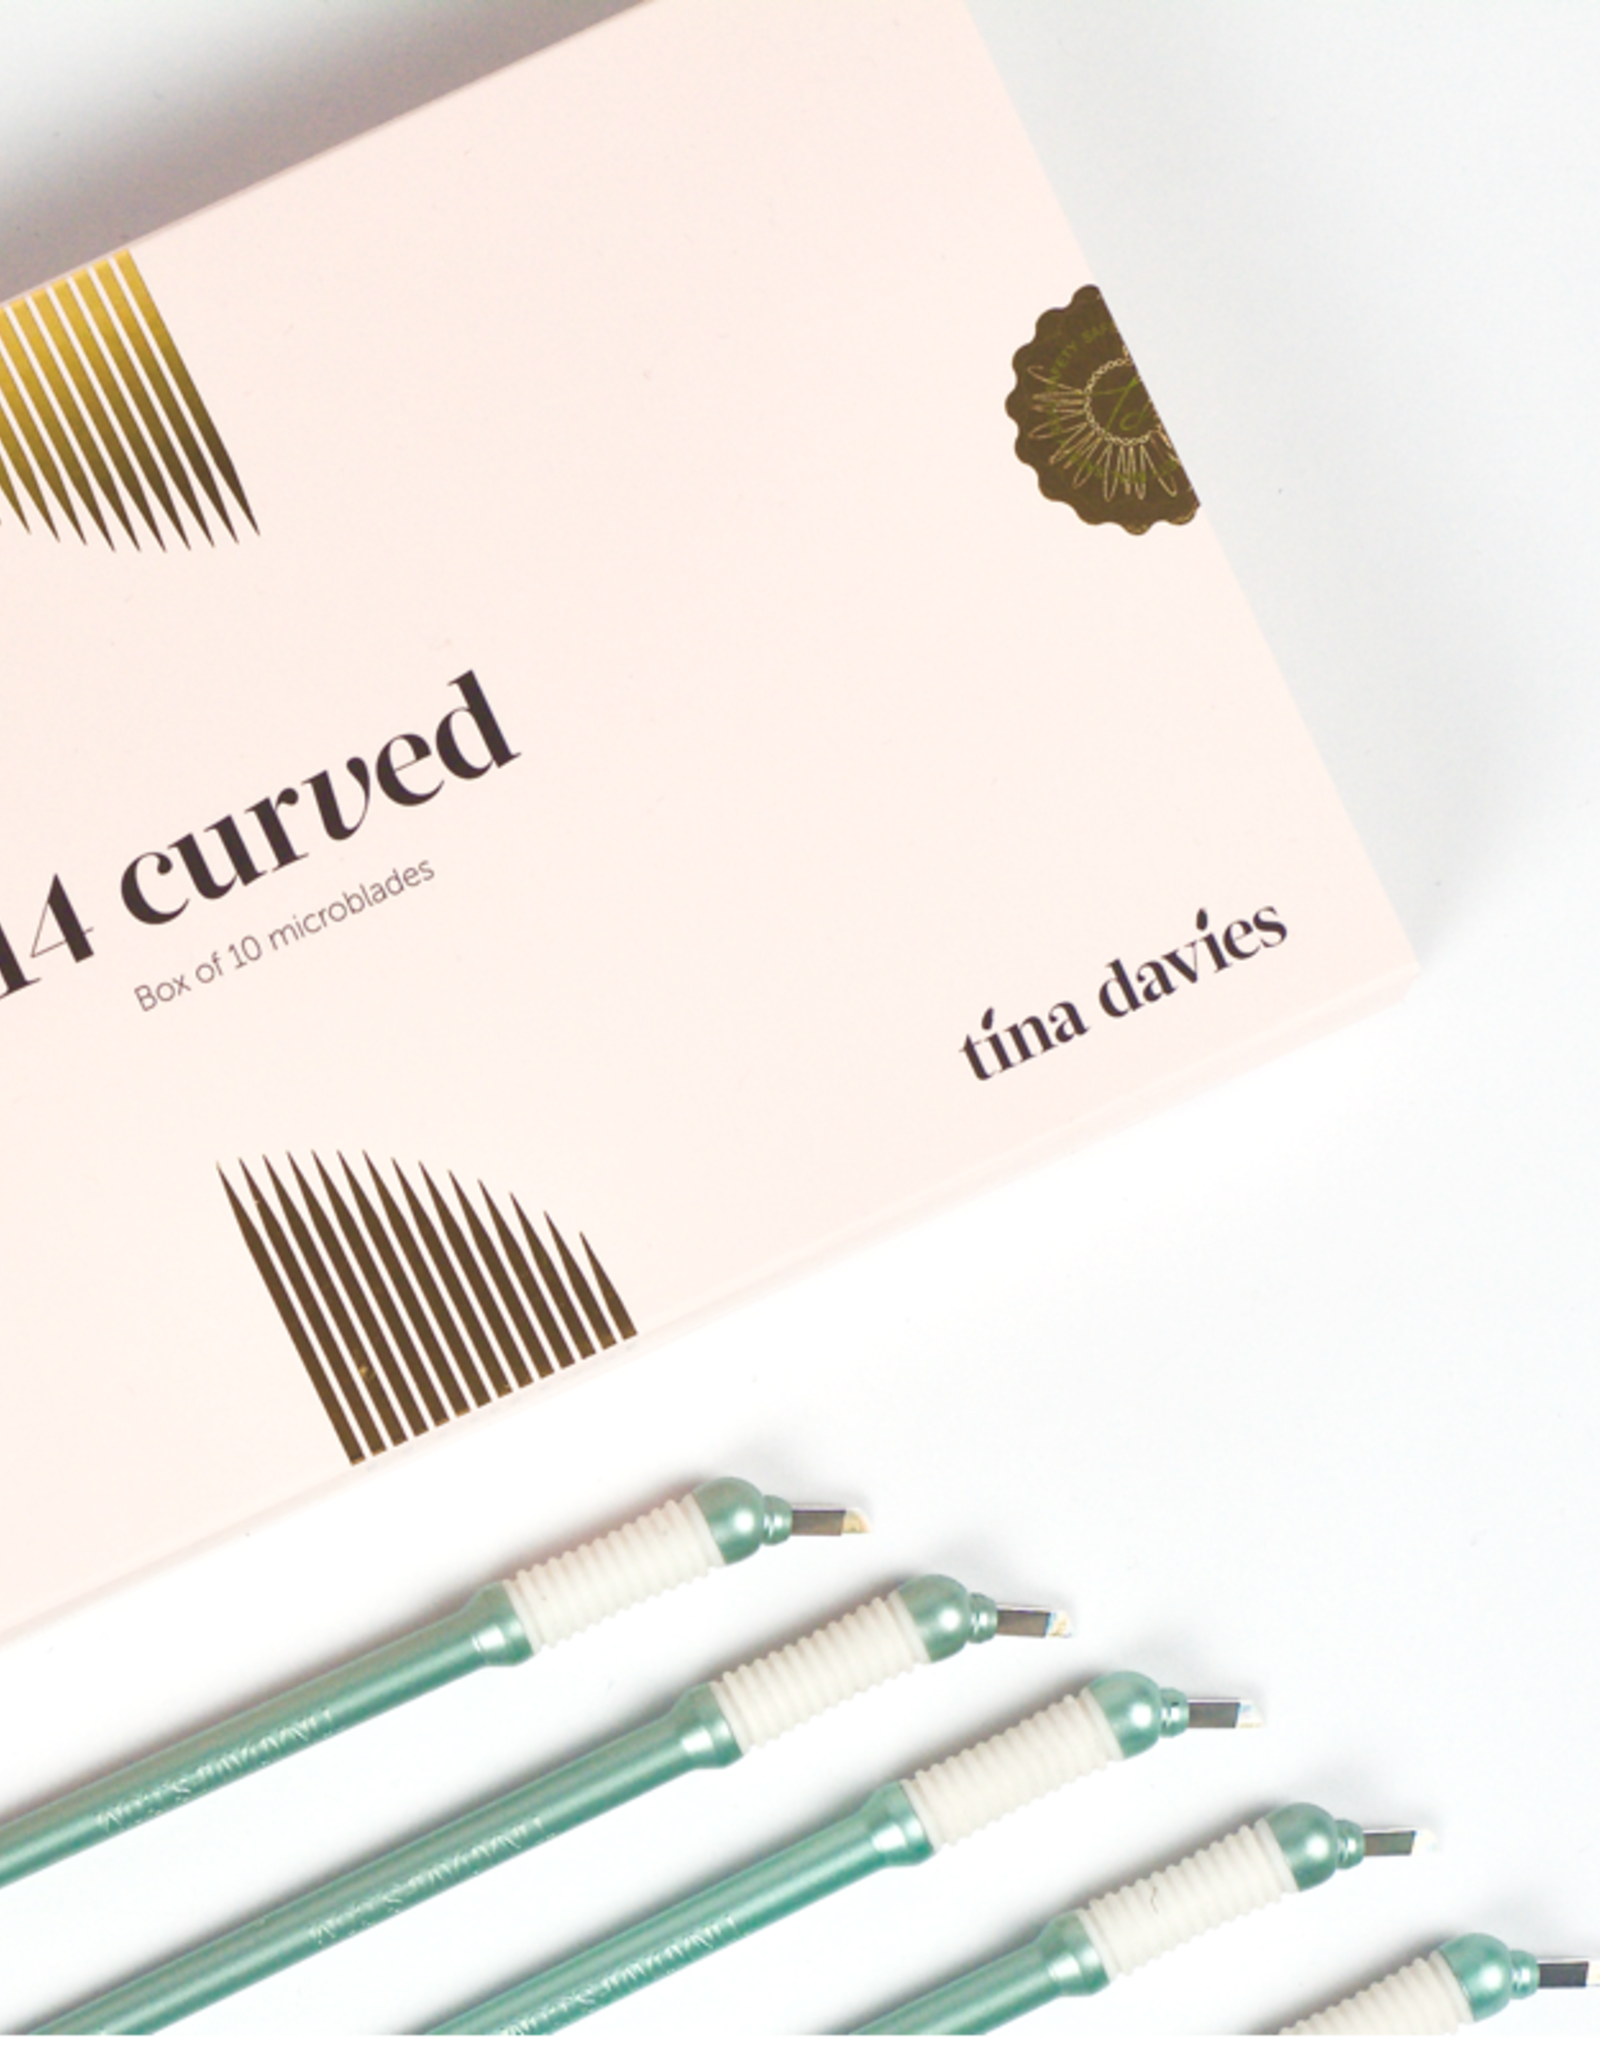 14 CURVED MICROBLADE (10) TINA DAVIES